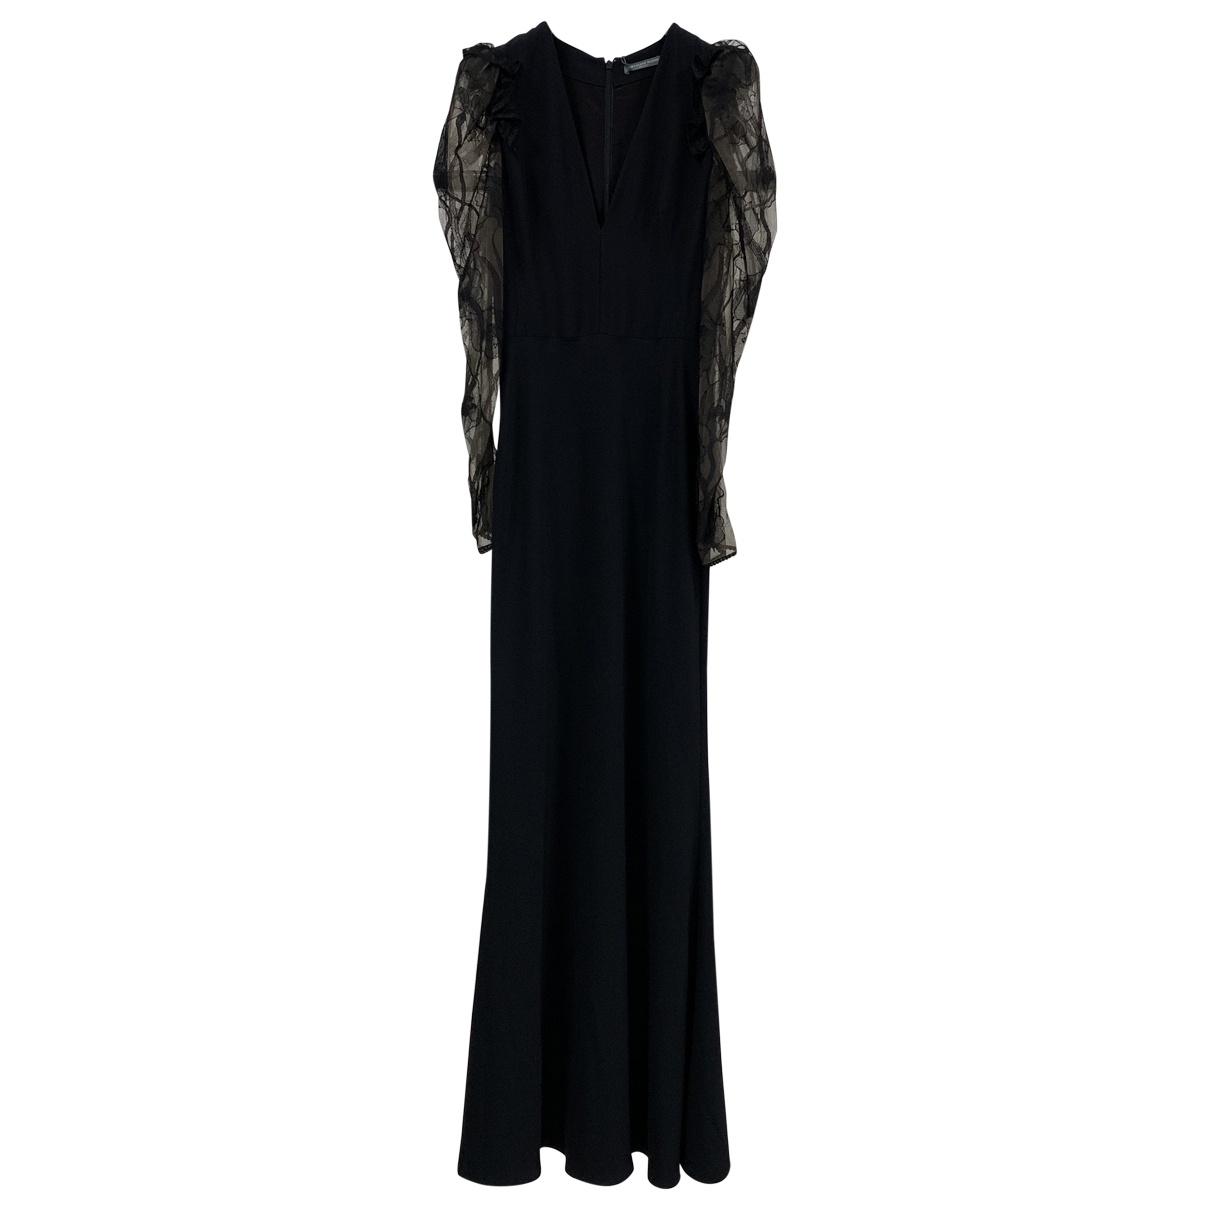 Alexander Mcqueen \N Black dress for Women 40 IT